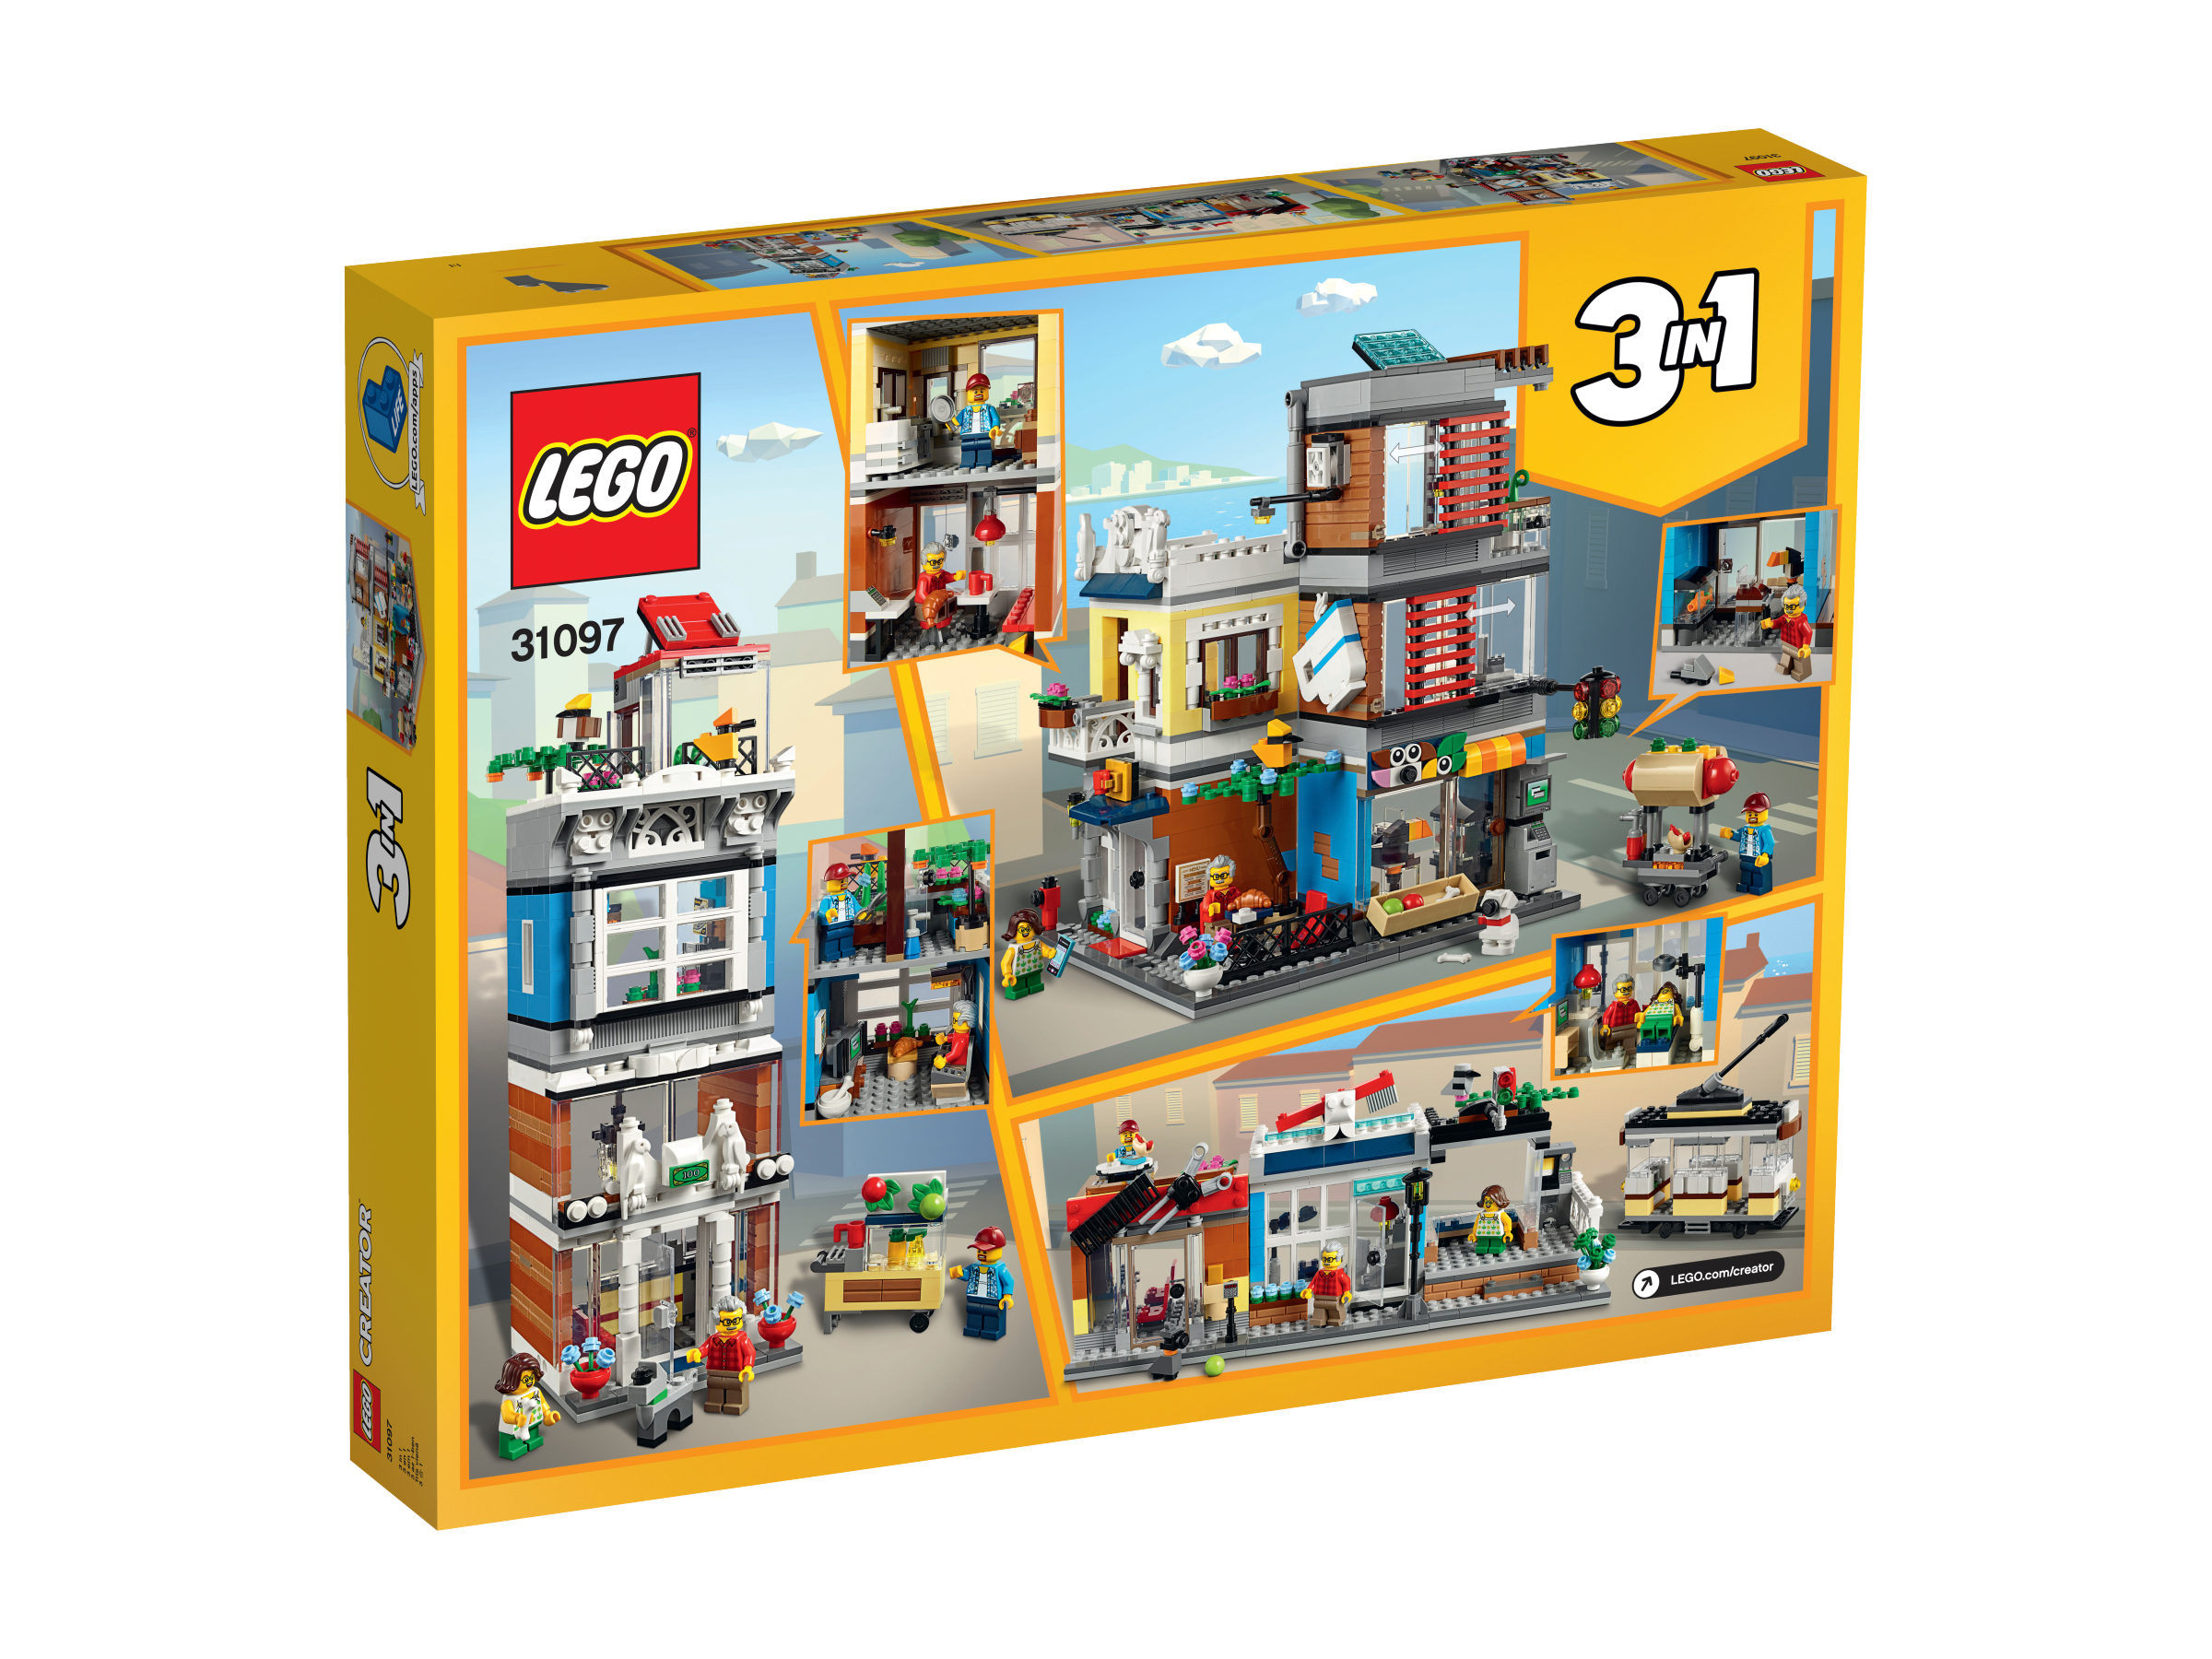 Lego Klocki Cena Od 20000 Zł Kup Klocki Doceń Potęgę Klocków